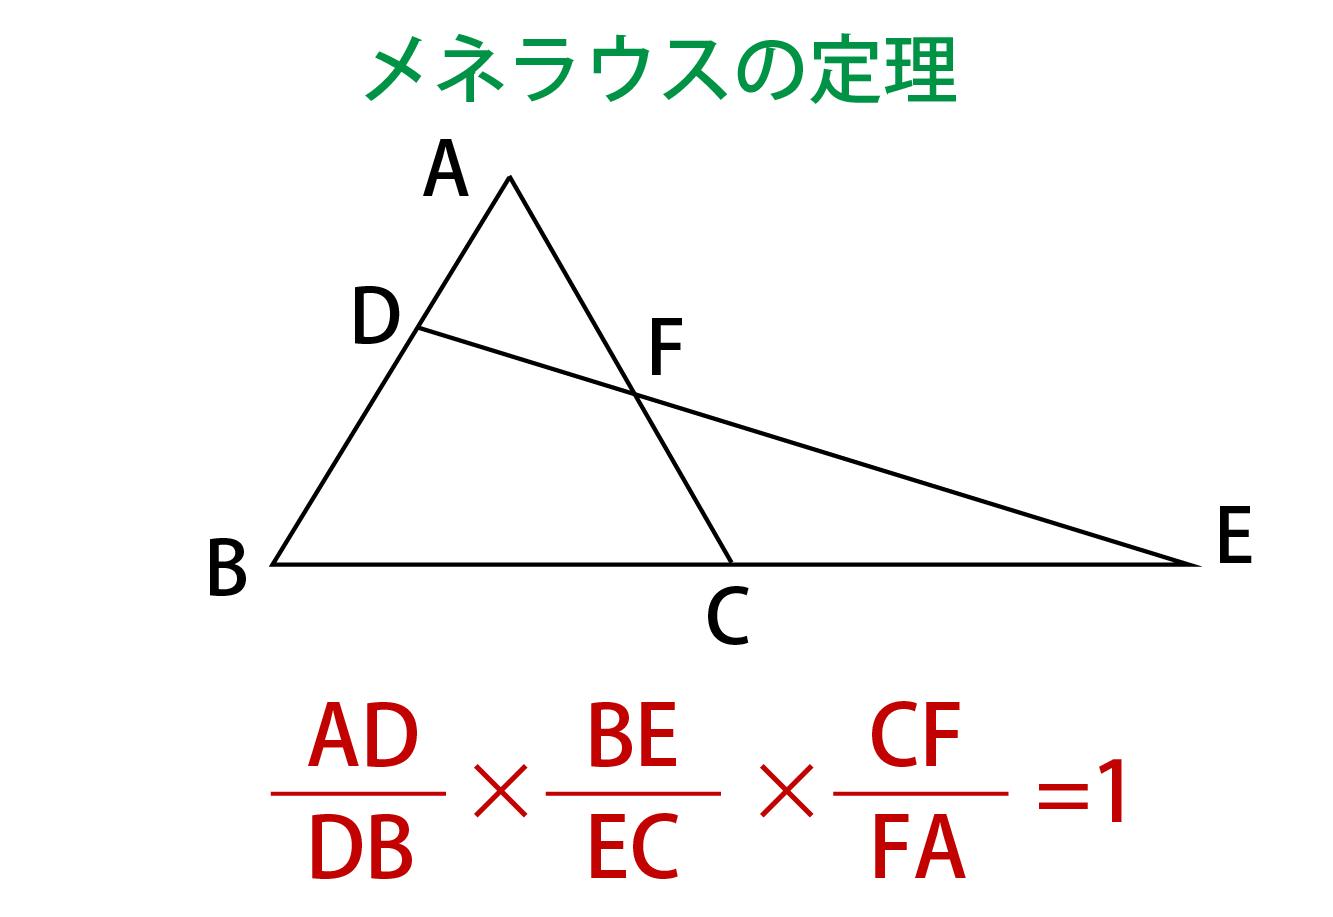 メネラウスの定理とは何かの解説画像